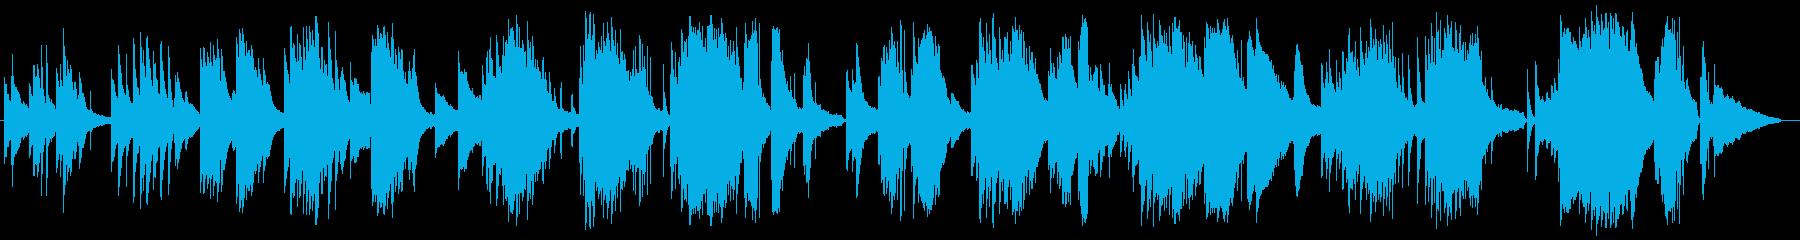 サティ、ジムノペディ、ジャズ風の再生済みの波形